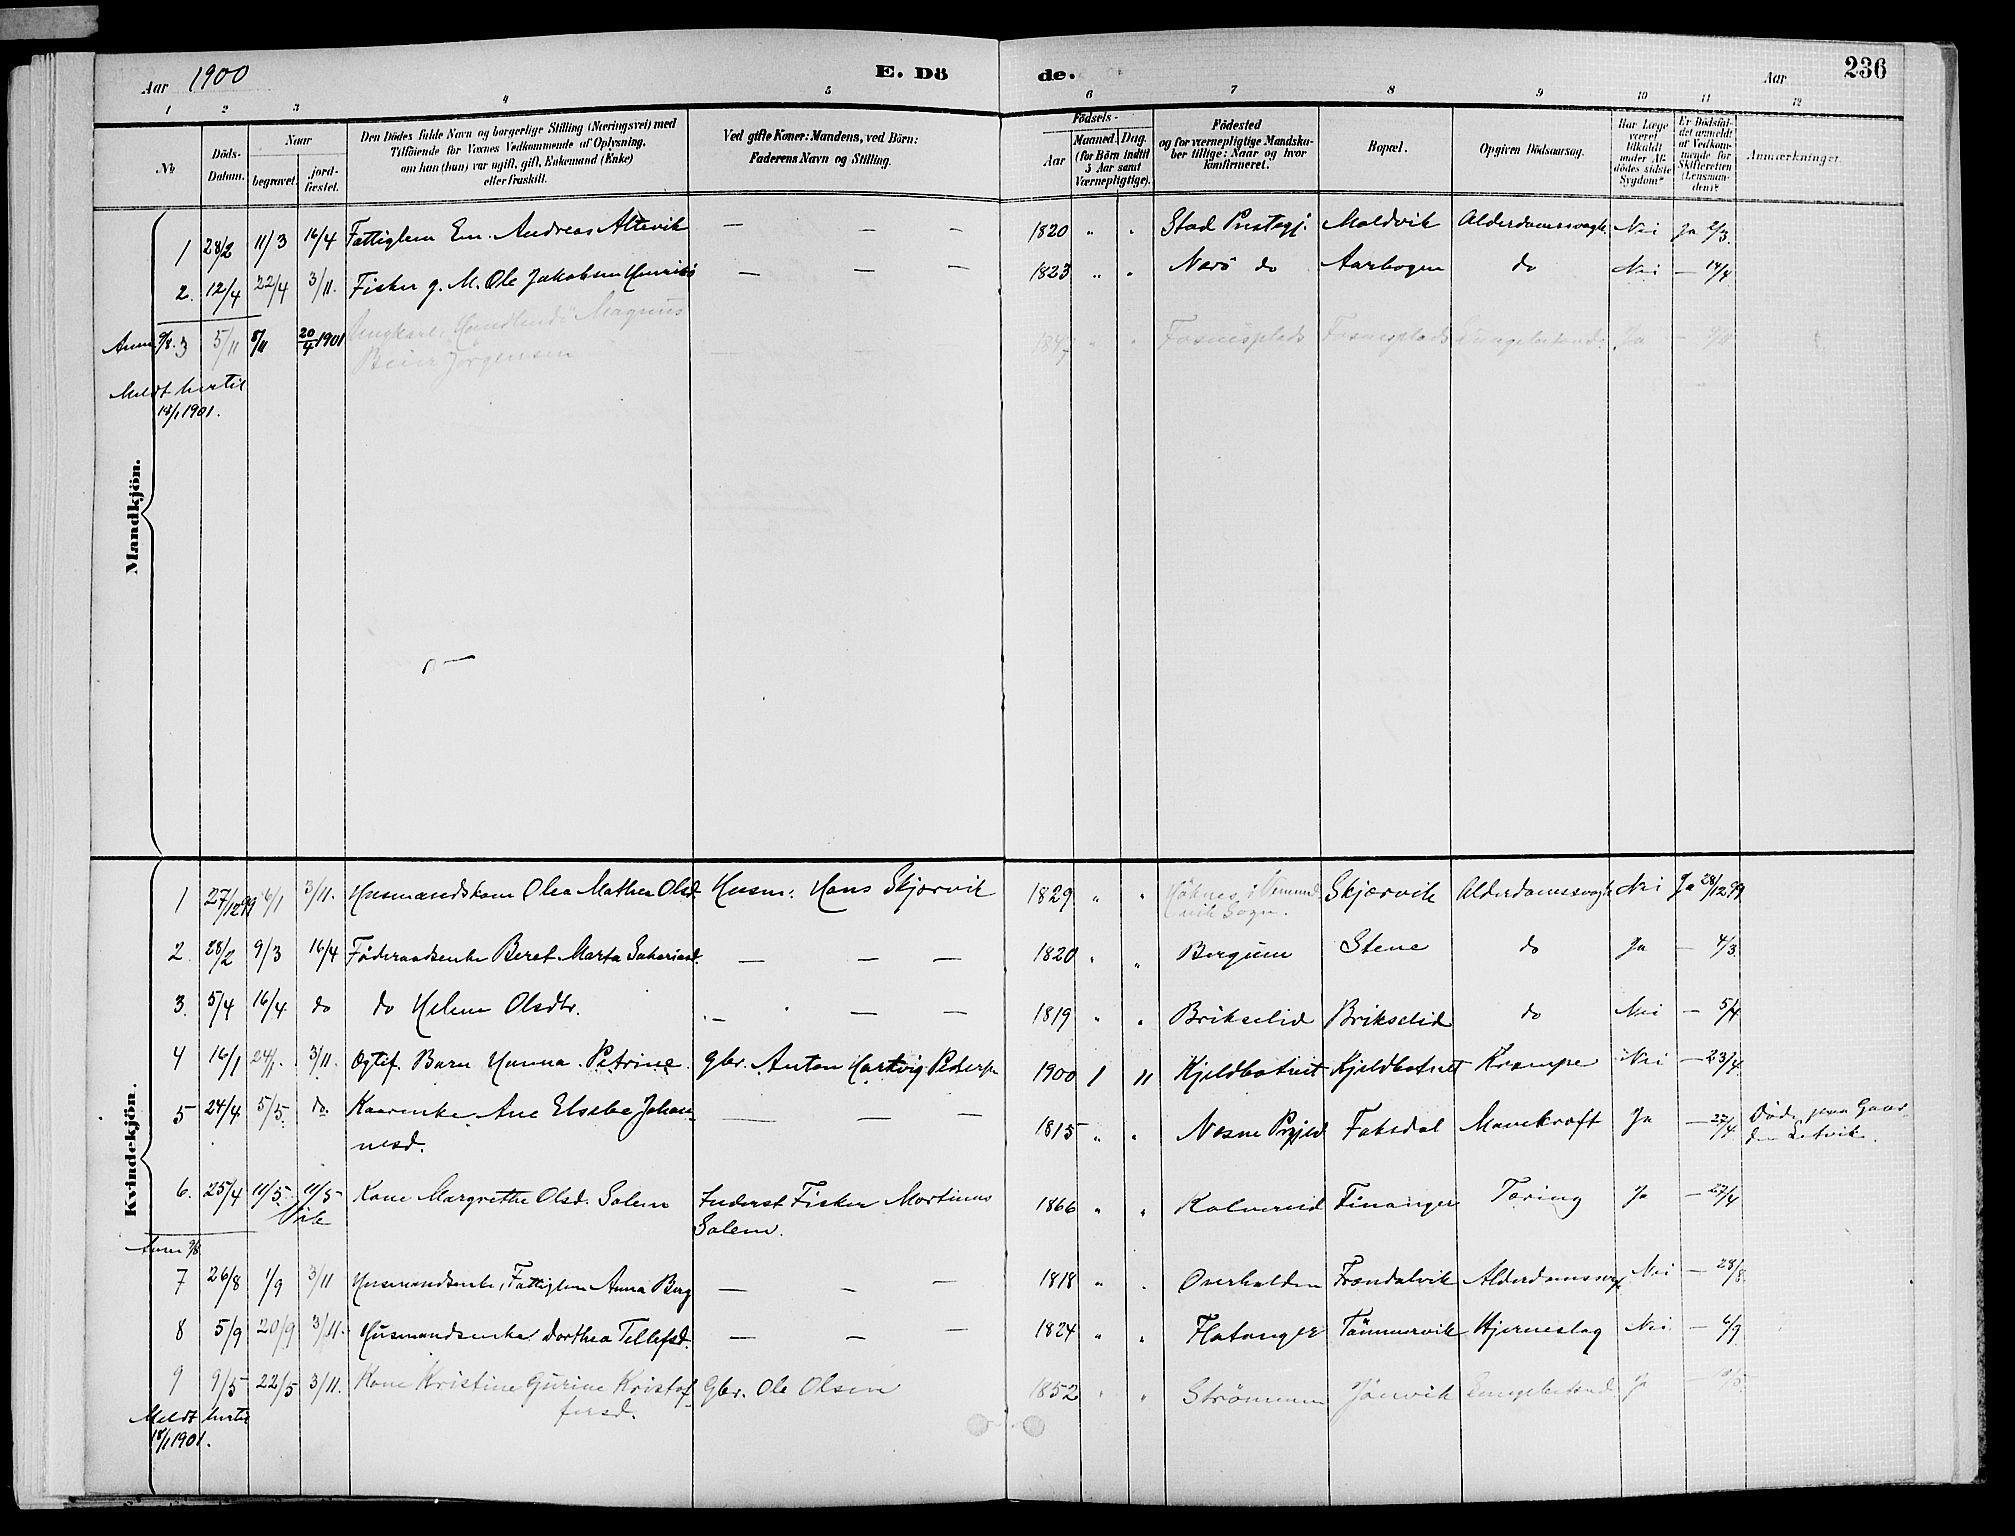 SAT, Ministerialprotokoller, klokkerbøker og fødselsregistre - Nord-Trøndelag, 773/L0617: Ministerialbok nr. 773A08, 1887-1910, s. 236